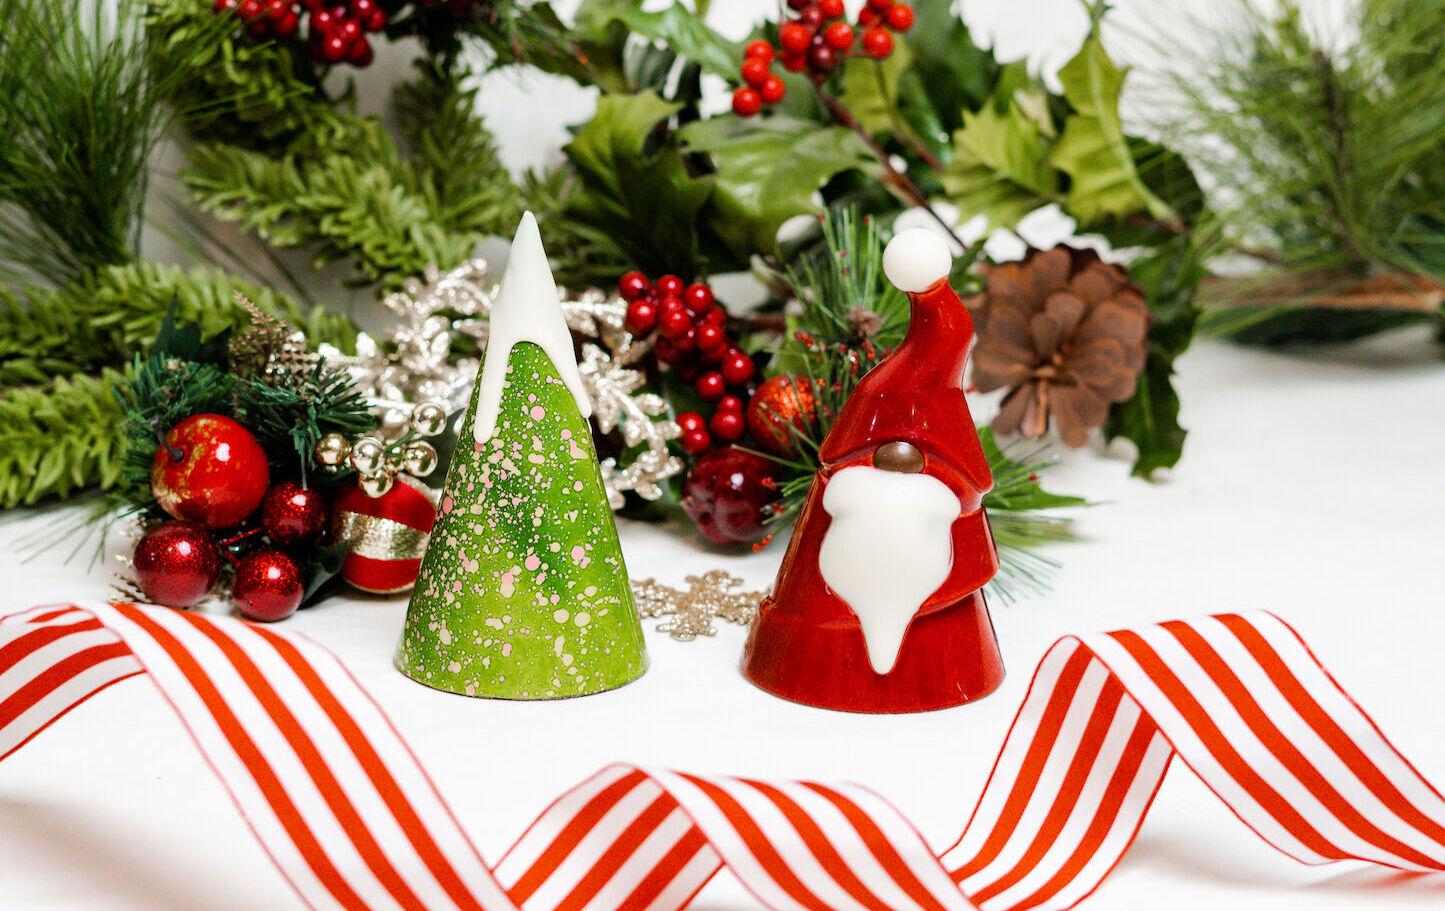 Tree and Santa